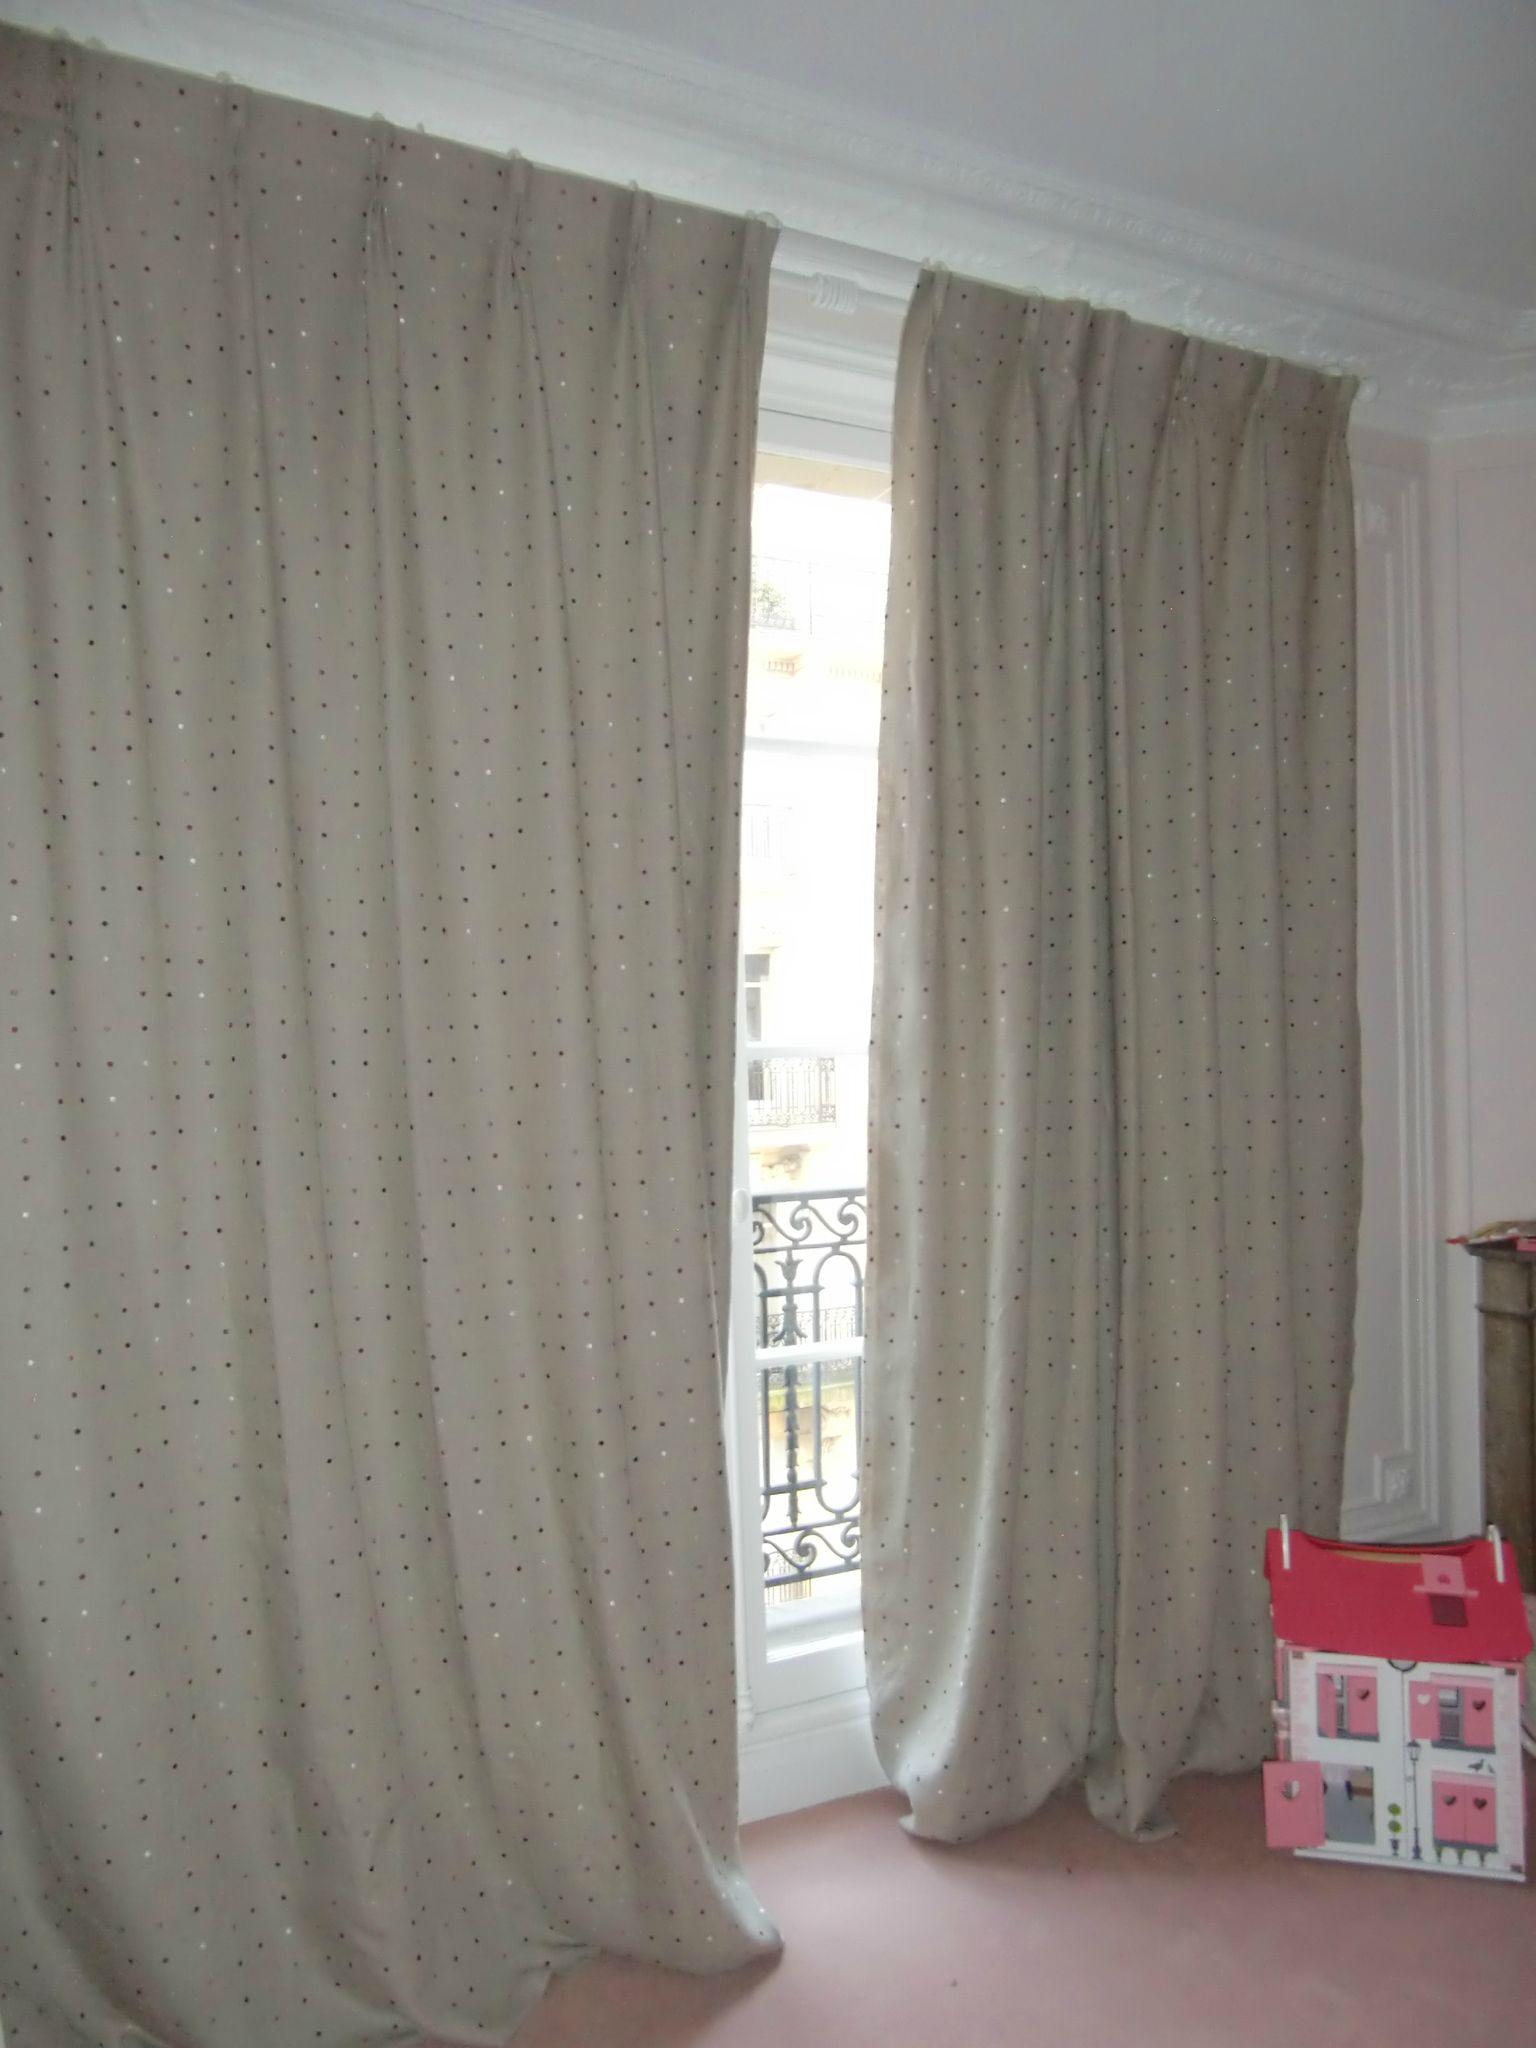 doubles rideaux en lin avec plis flamands - Photo de Les rideaux ...